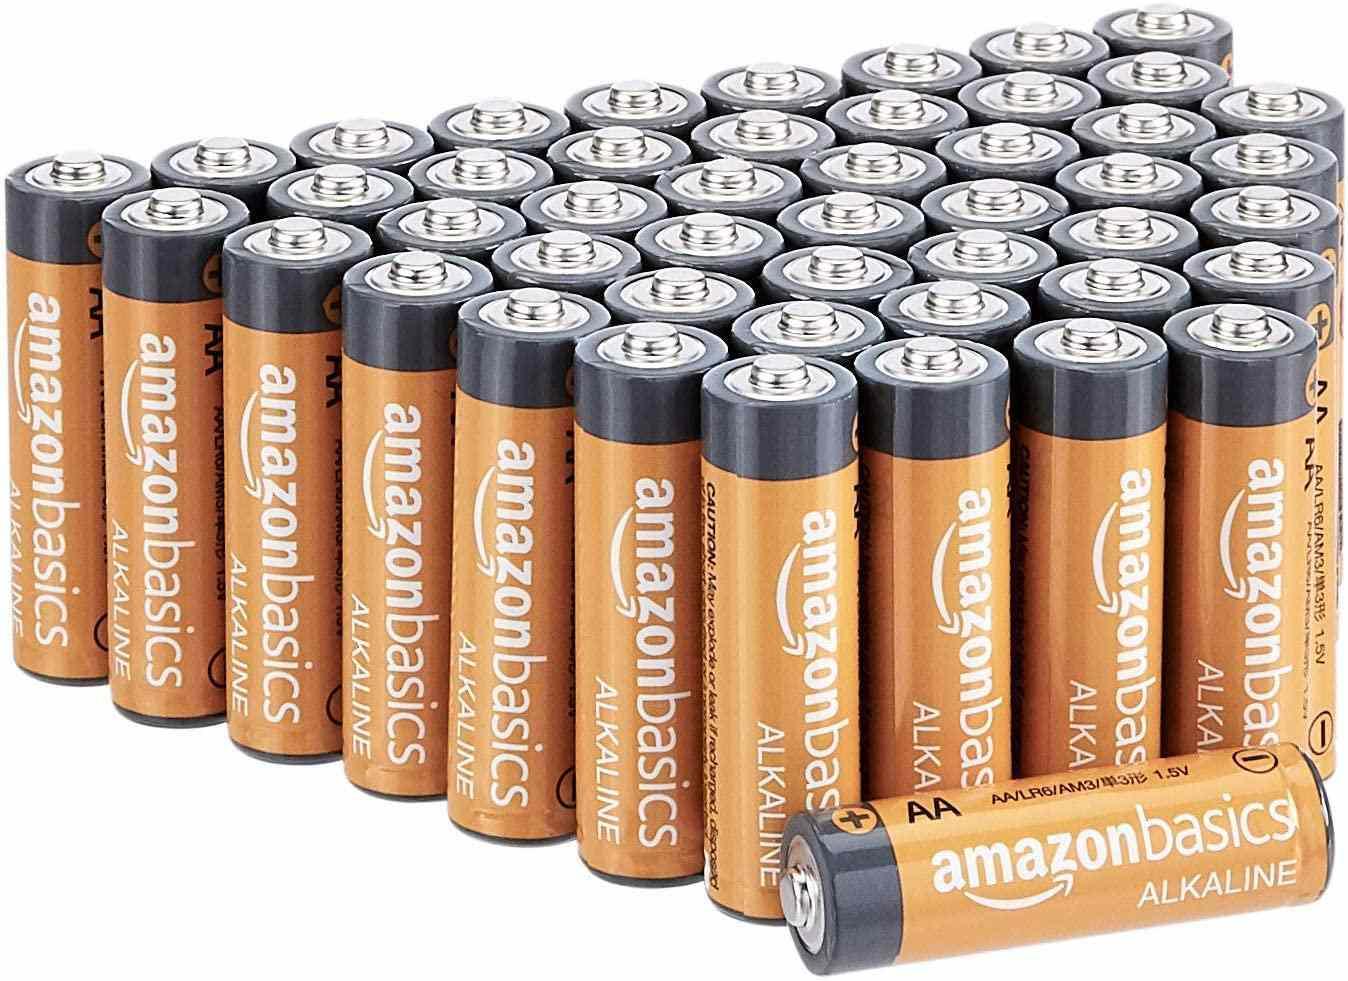 AmazonBasics AA 1.5 Volt Alkaline Batteries